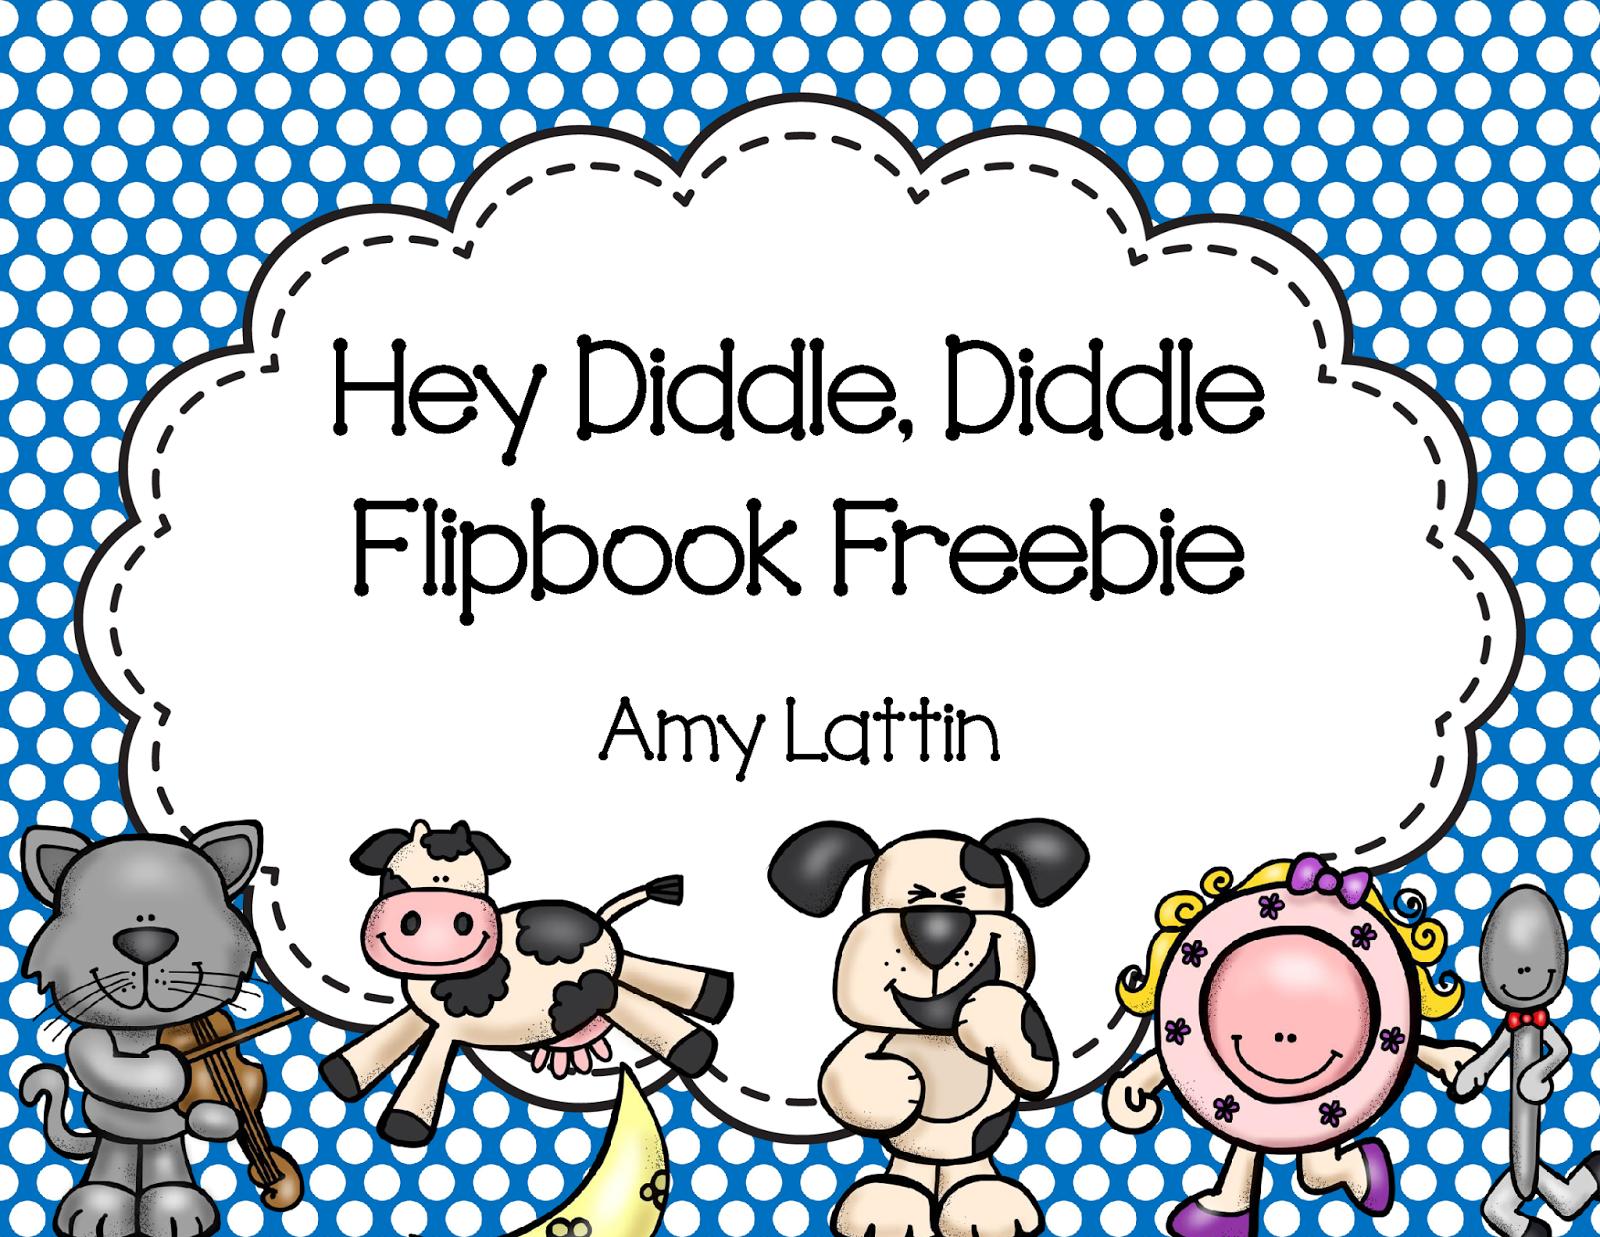 Teaching Is Sweet Hey Diddle Diddle Flipbook Freebie